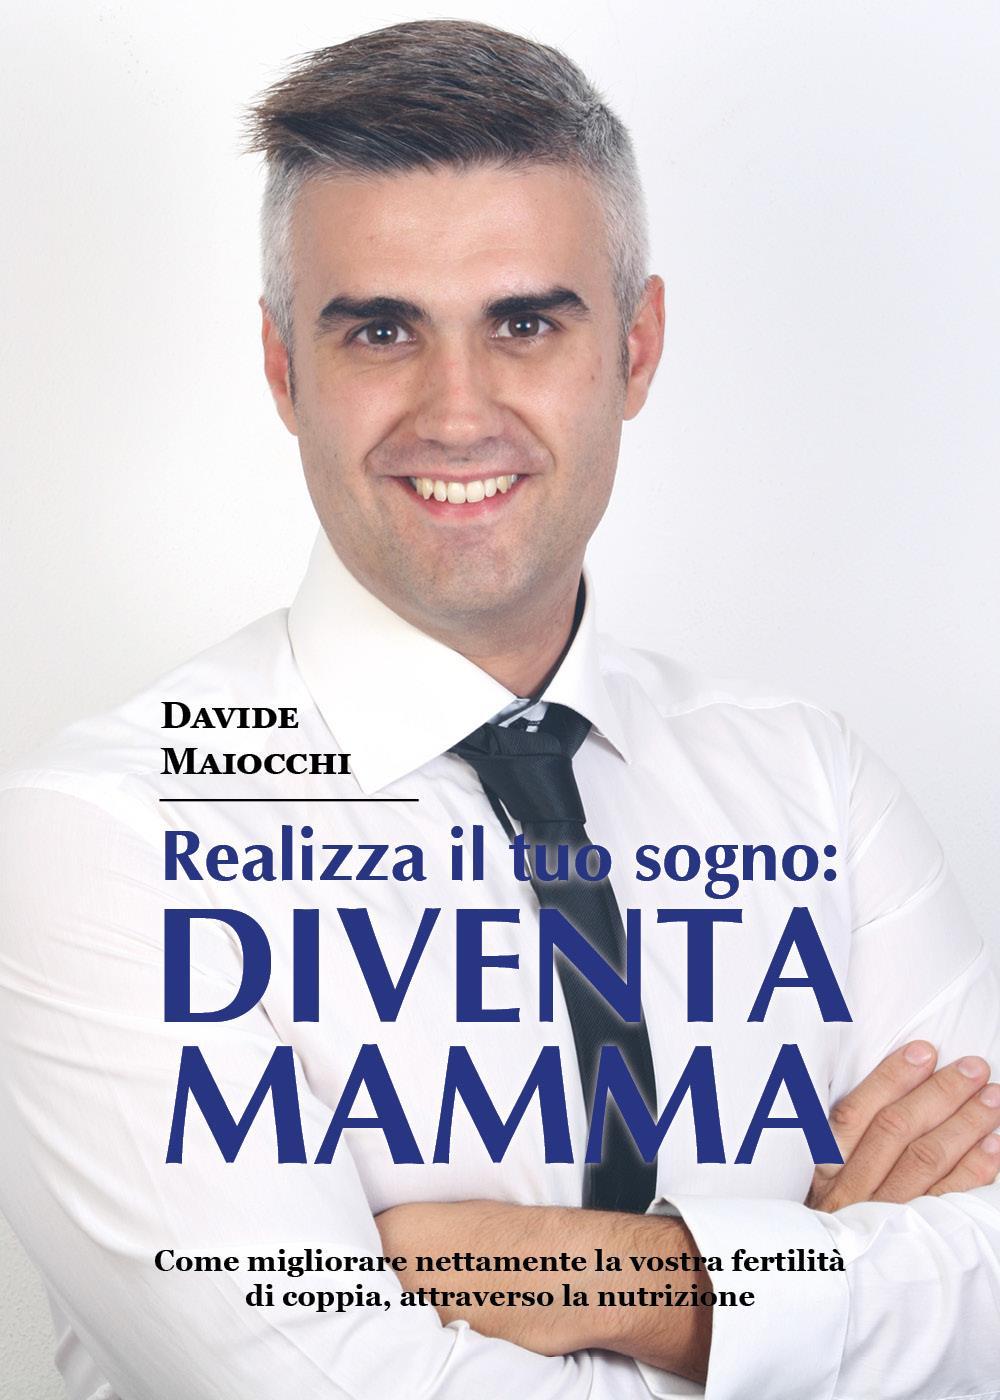 Realizza il tuo sogno: DIVENTA MAMMA